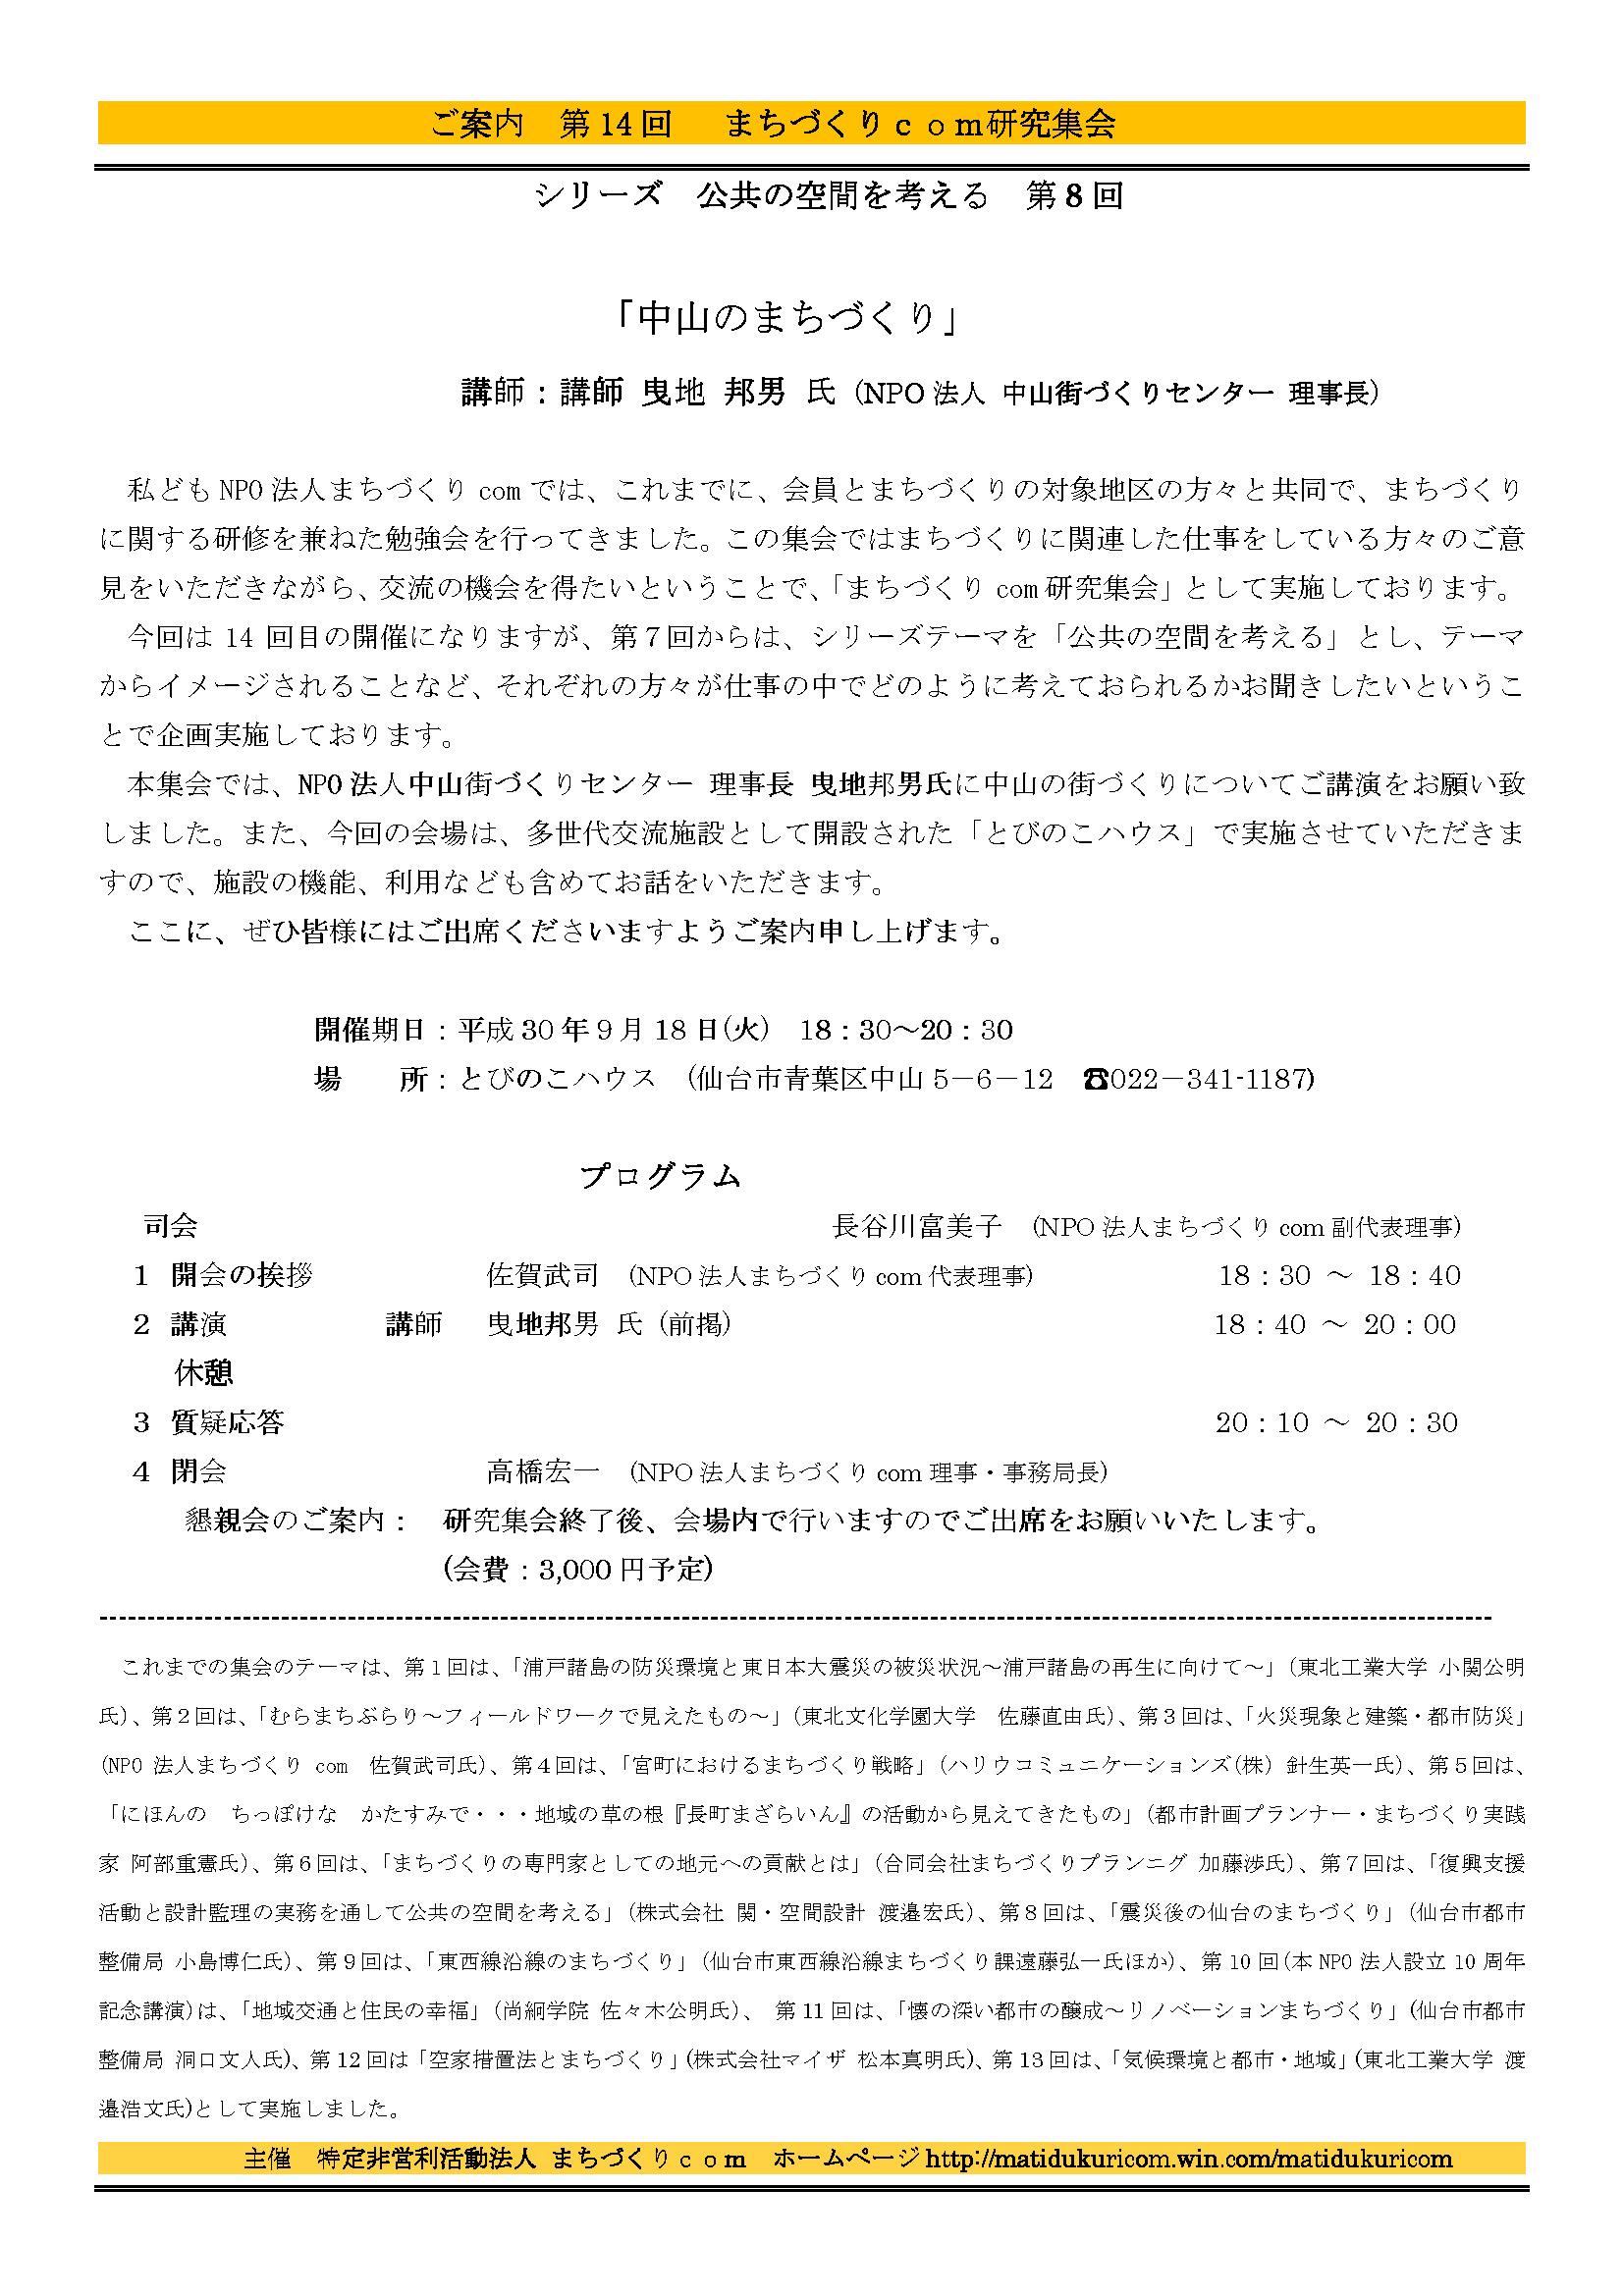 【ご案内】第14回 まちづくりcom研究集会